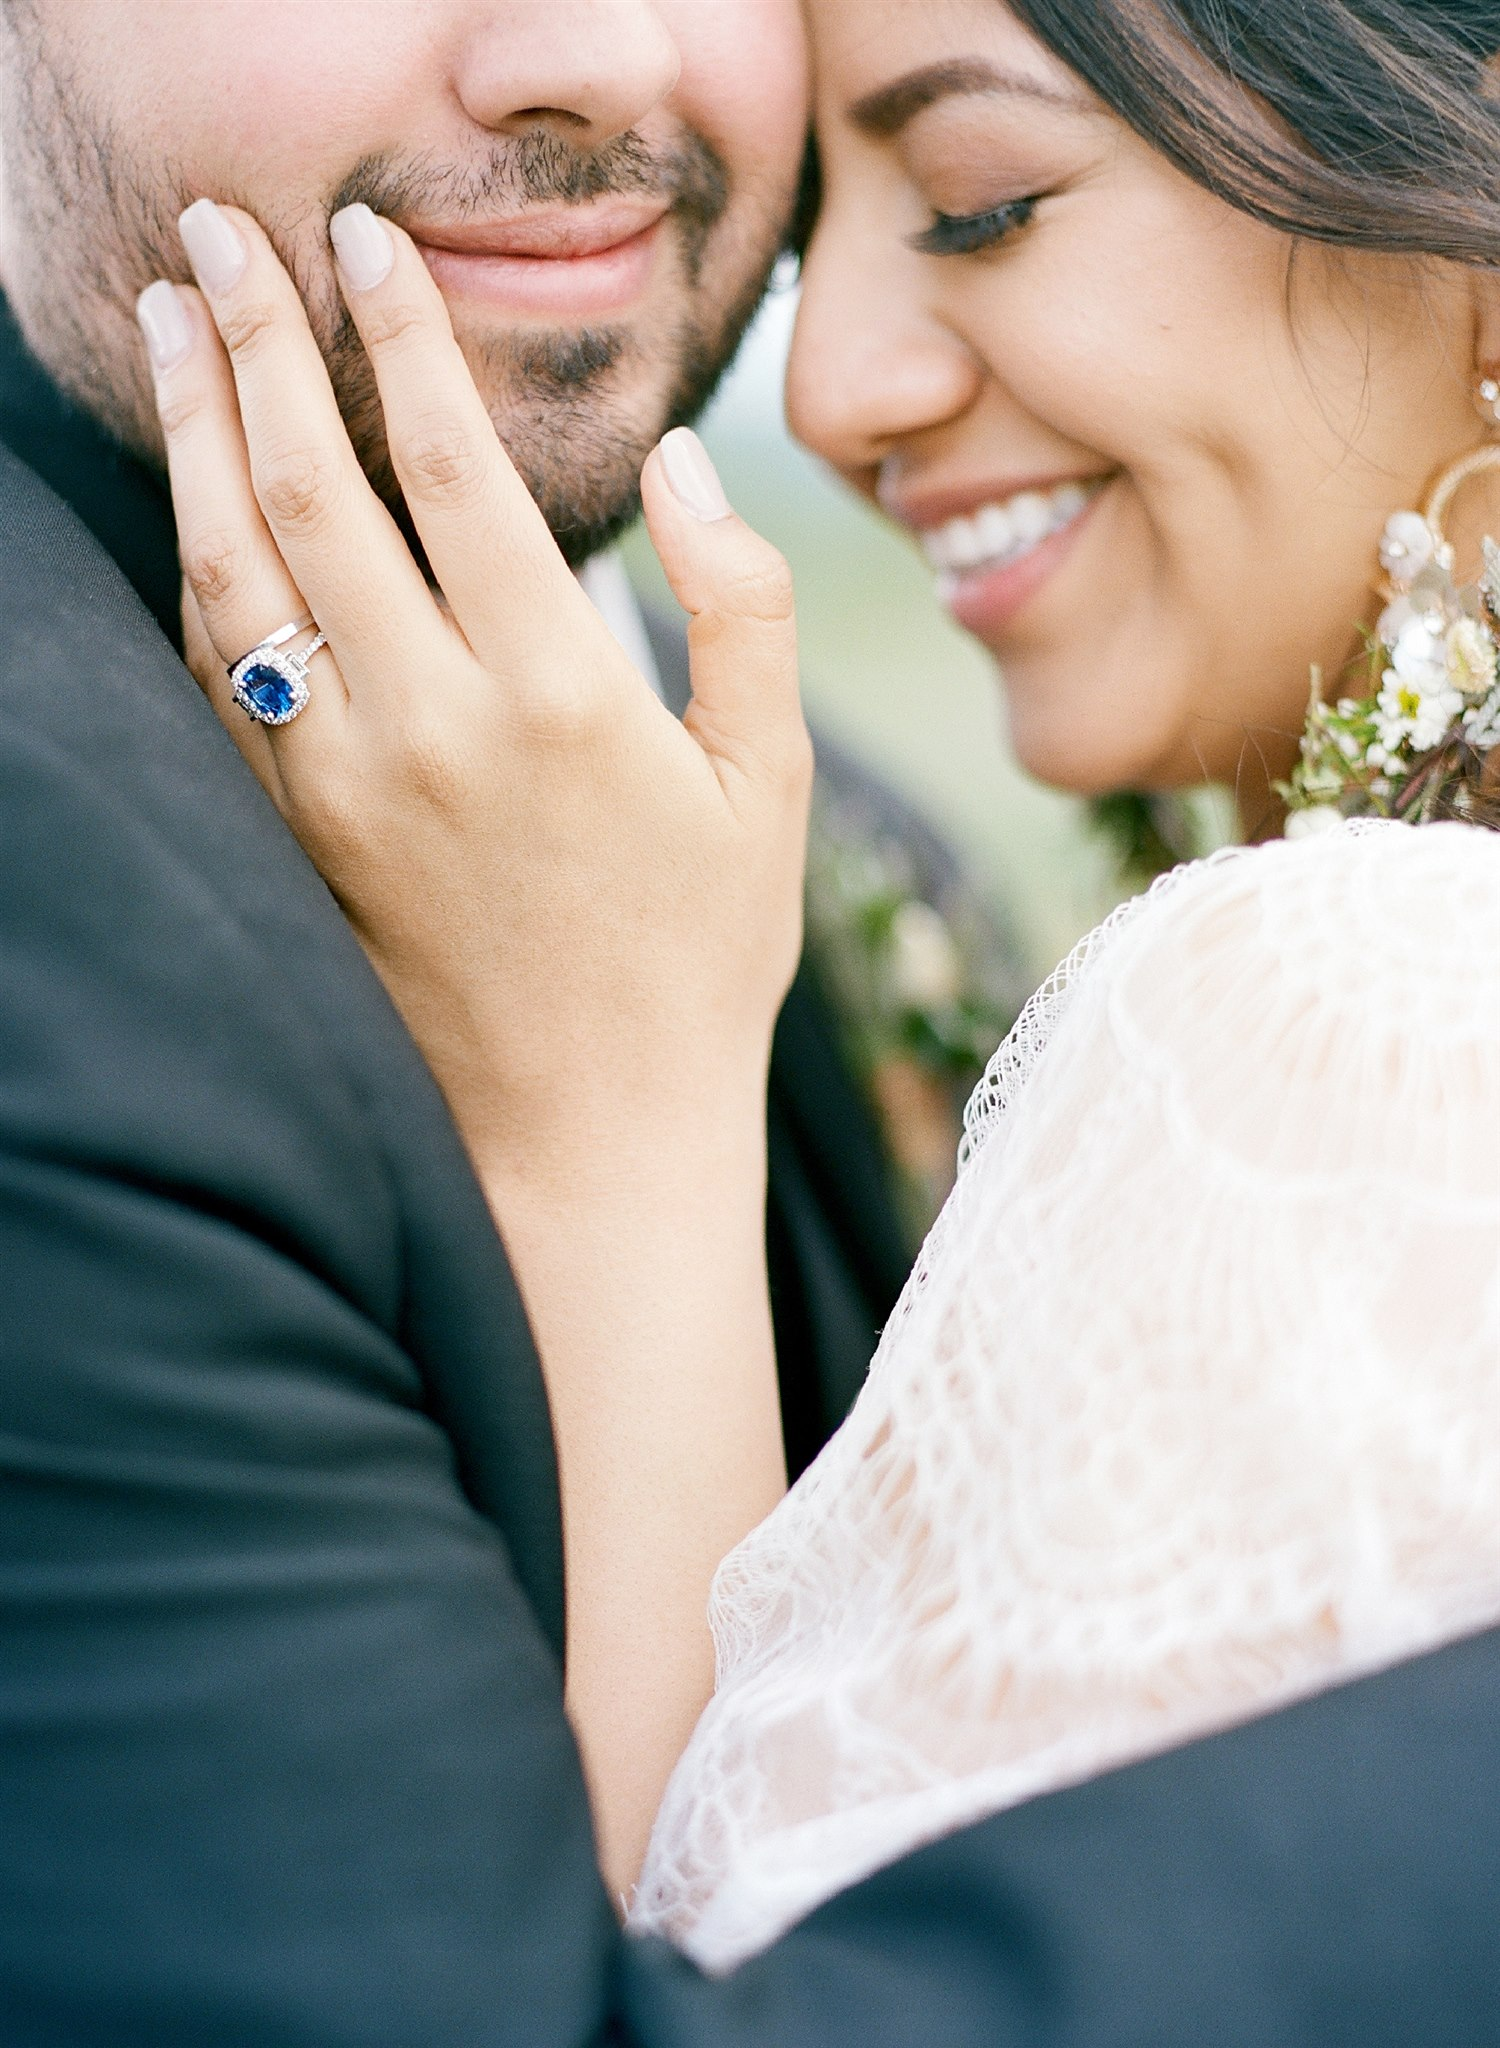 heidi_michael_wedding_0259.jpg